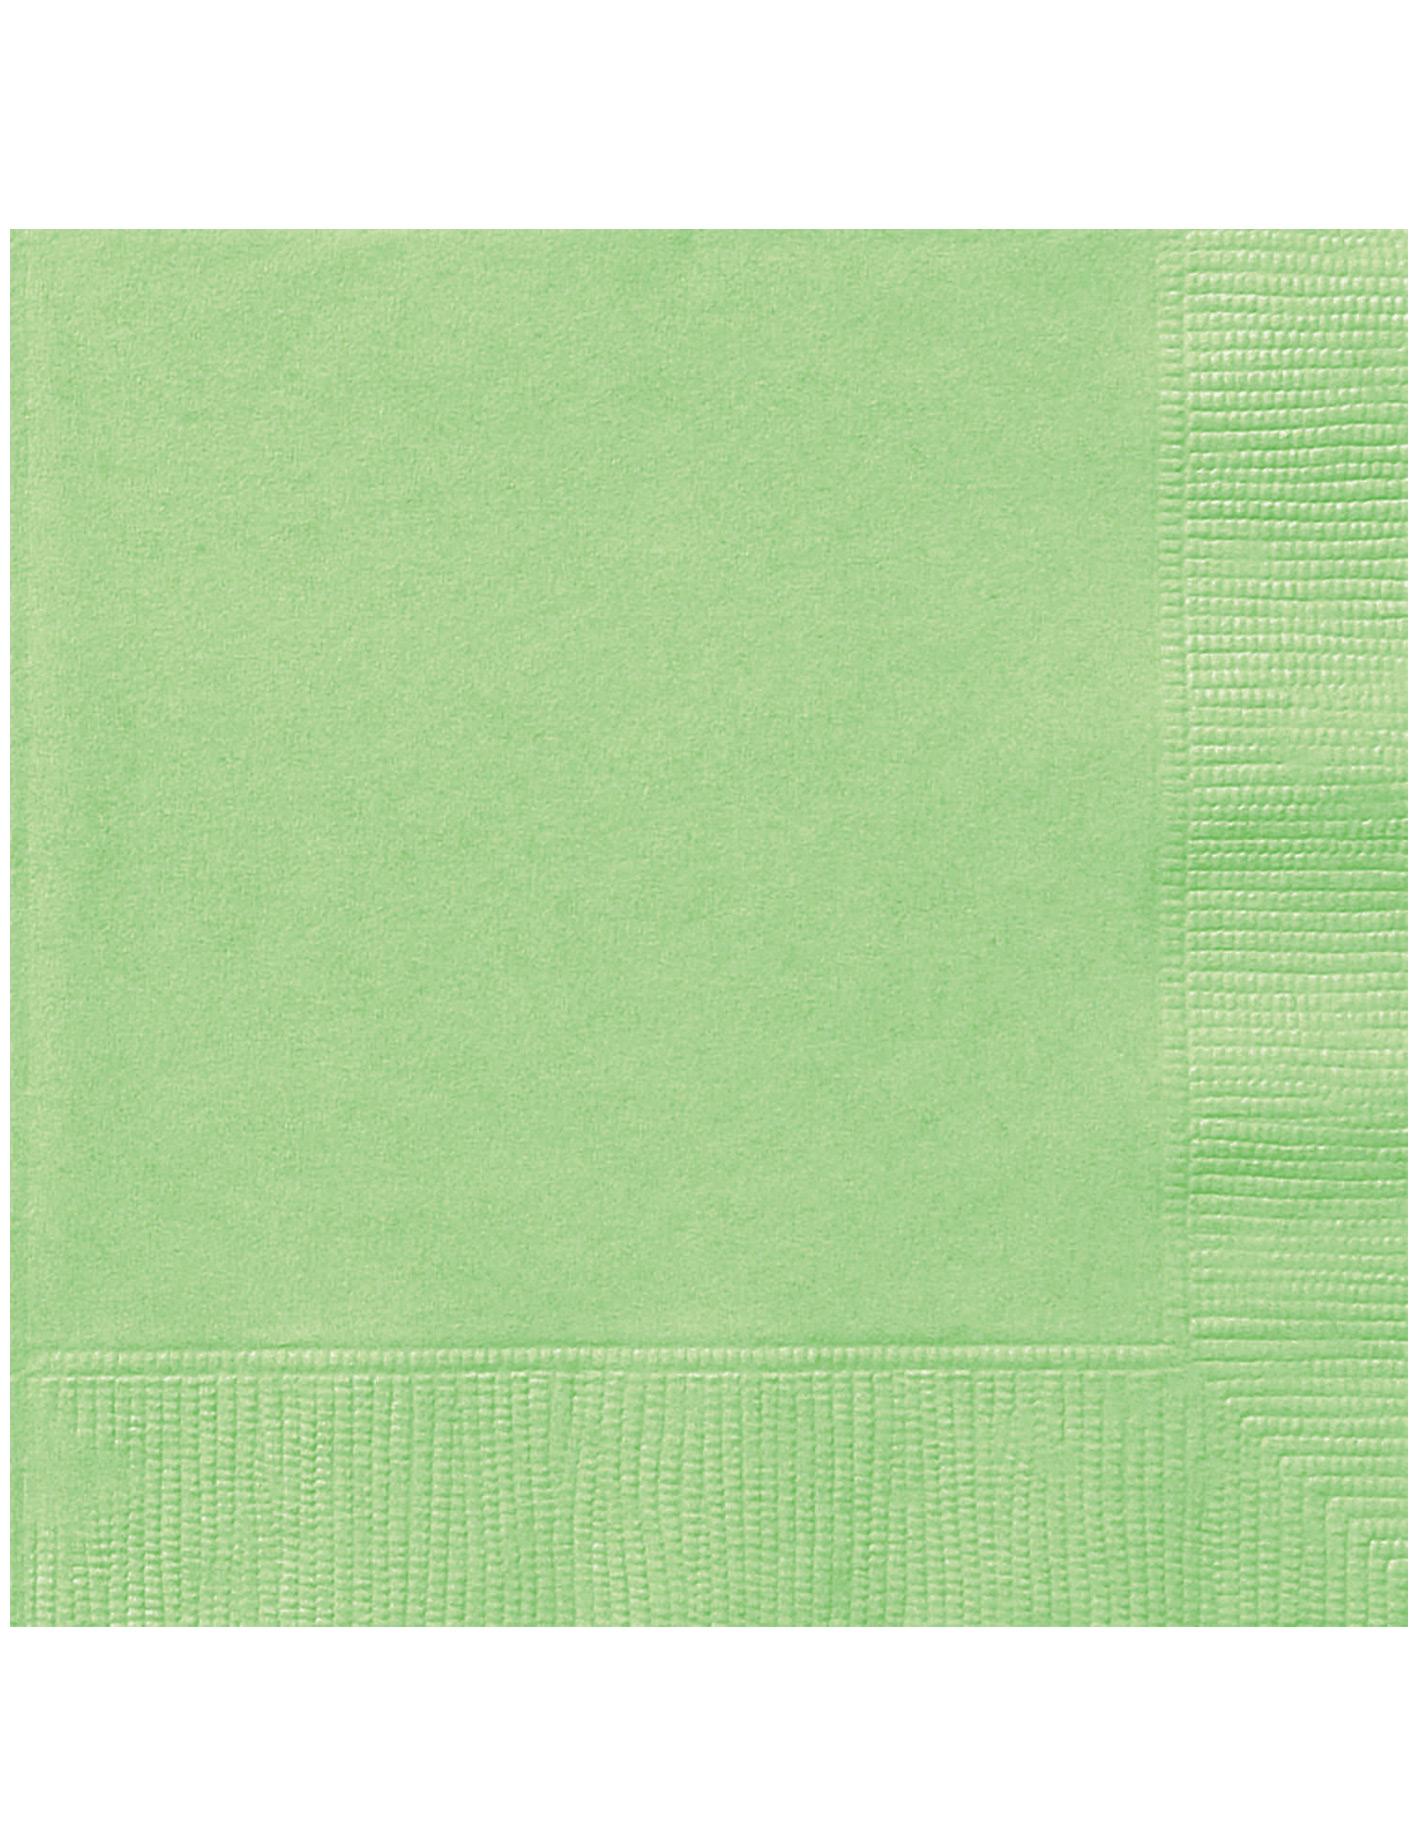 20 serviettes en papier vert pomme 33 x 33 cm d coration anniversaire et f tes th me sur - Serviette en papier vert fonce ...